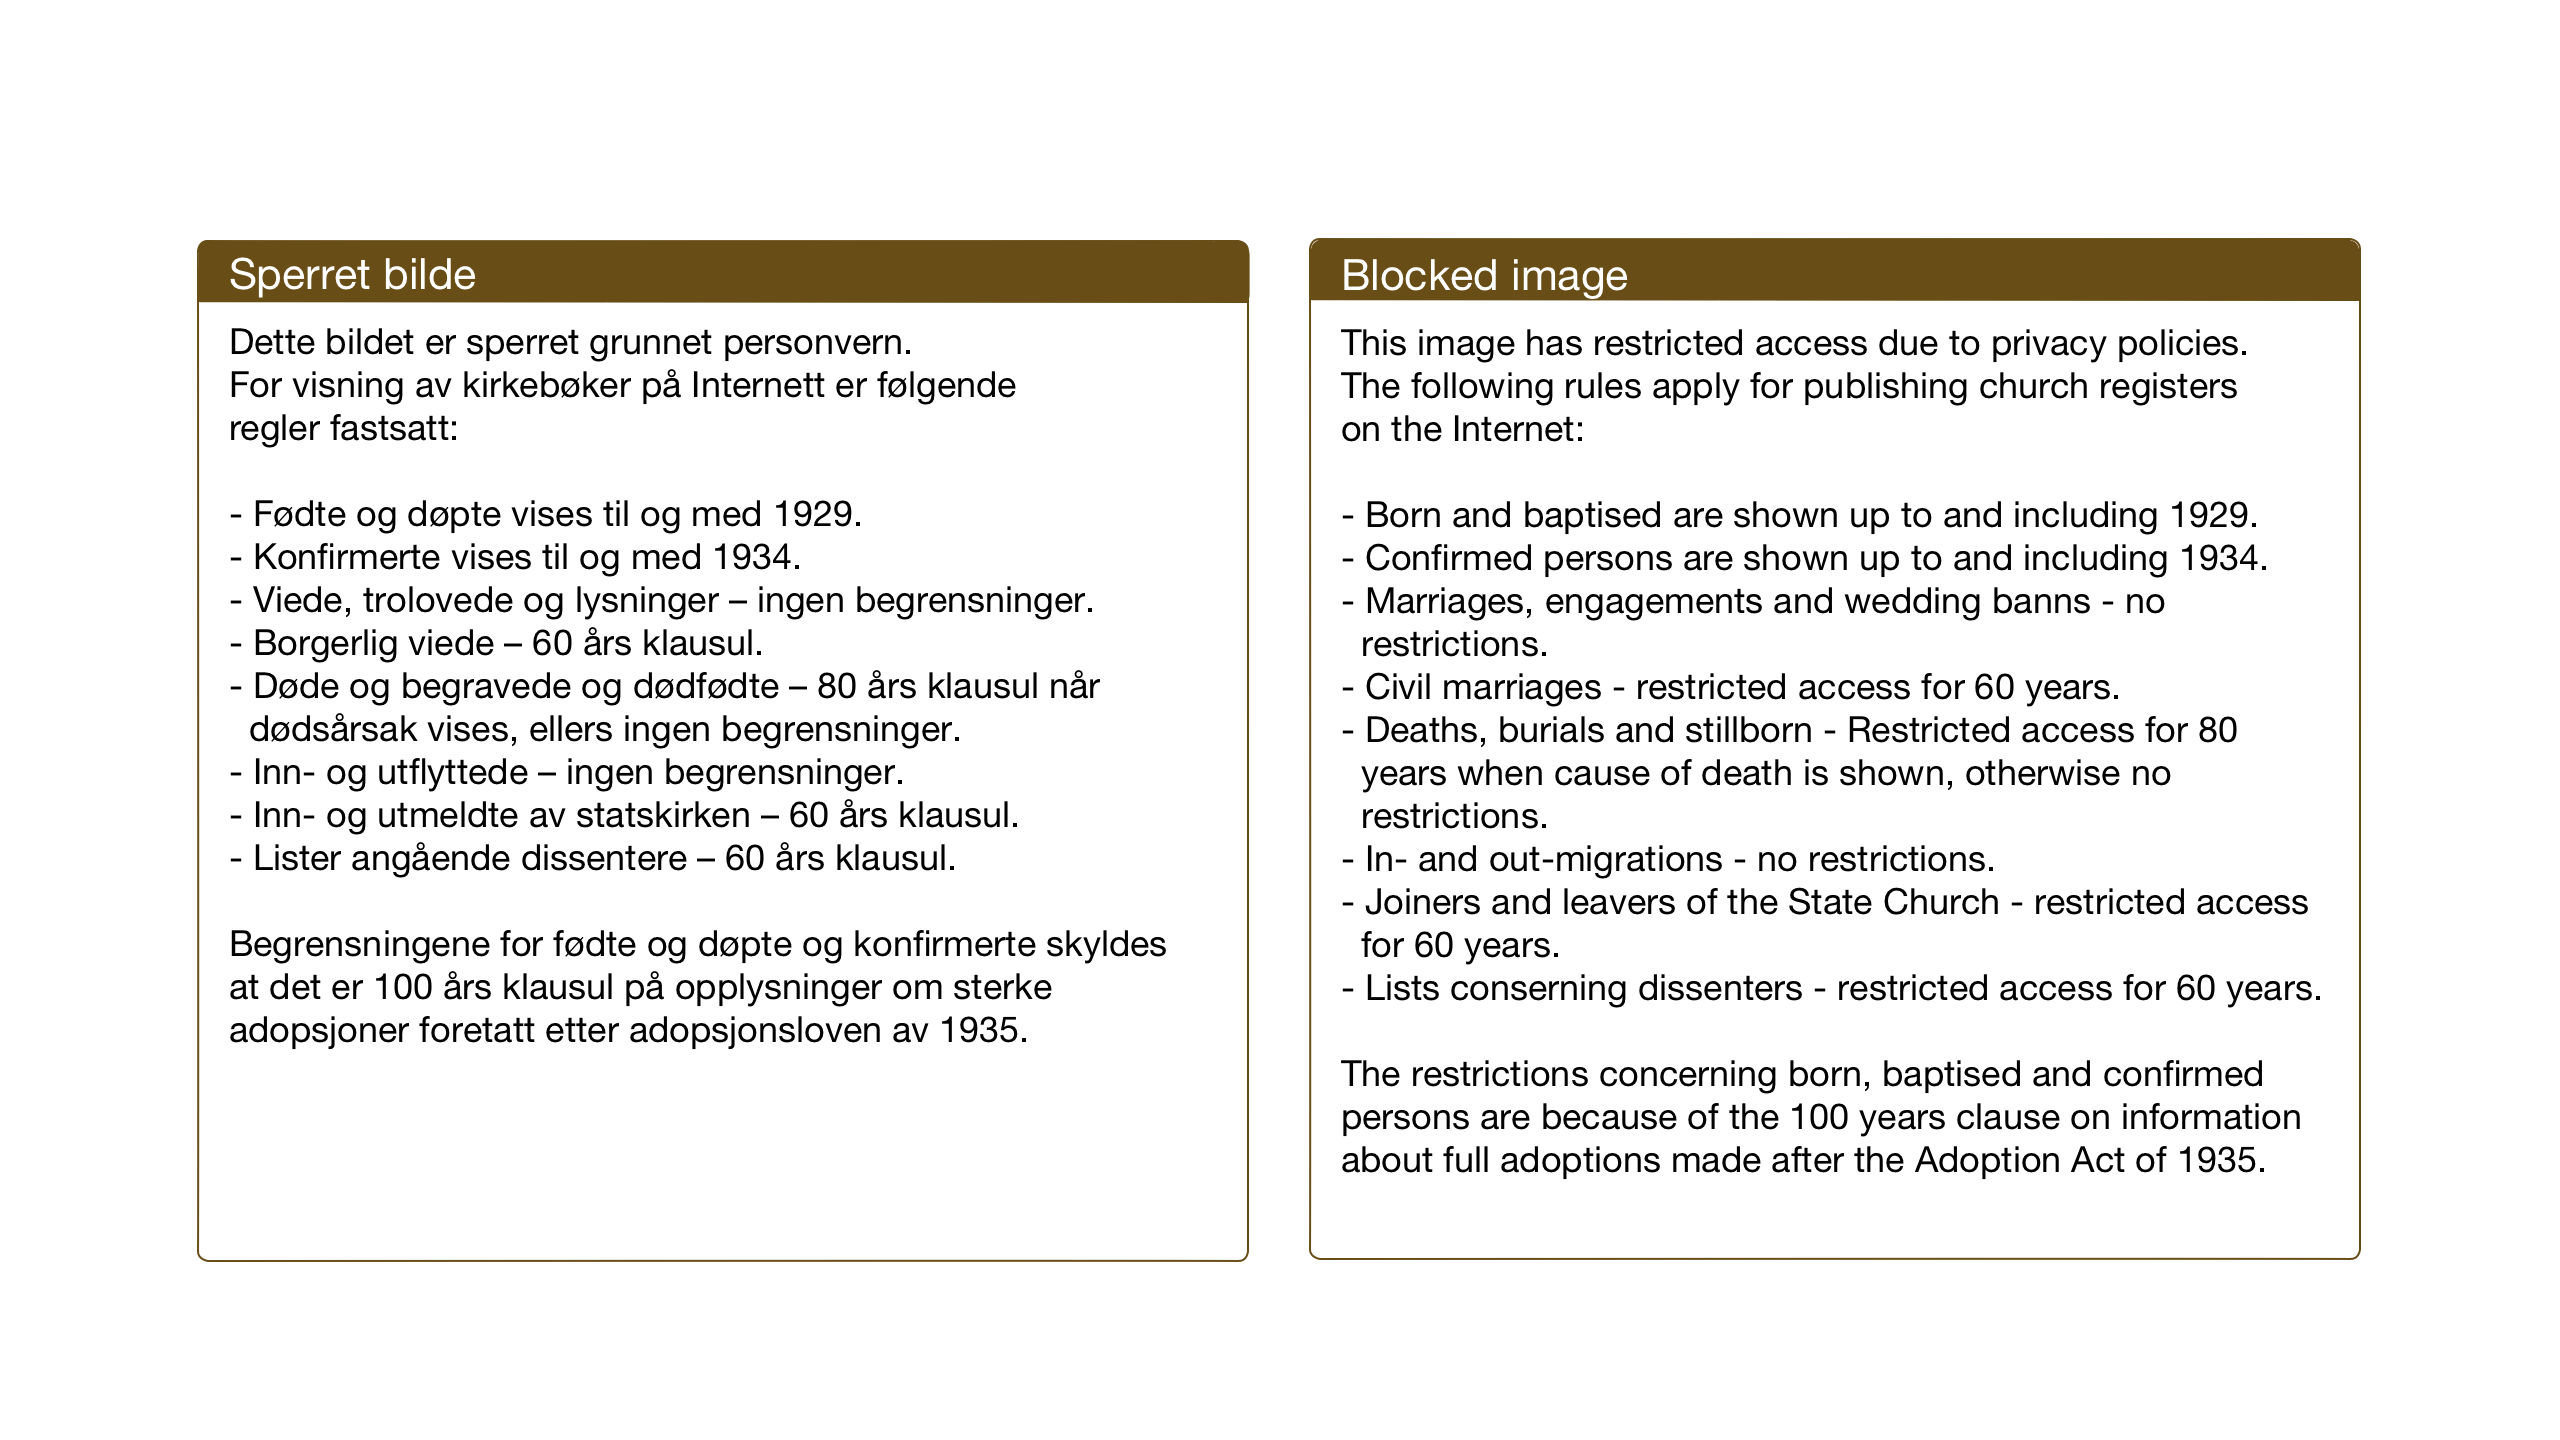 SAT, Ministerialprotokoller, klokkerbøker og fødselsregistre - Sør-Trøndelag, 651/L0648: Klokkerbok nr. 651C02, 1915-1945, s. 150